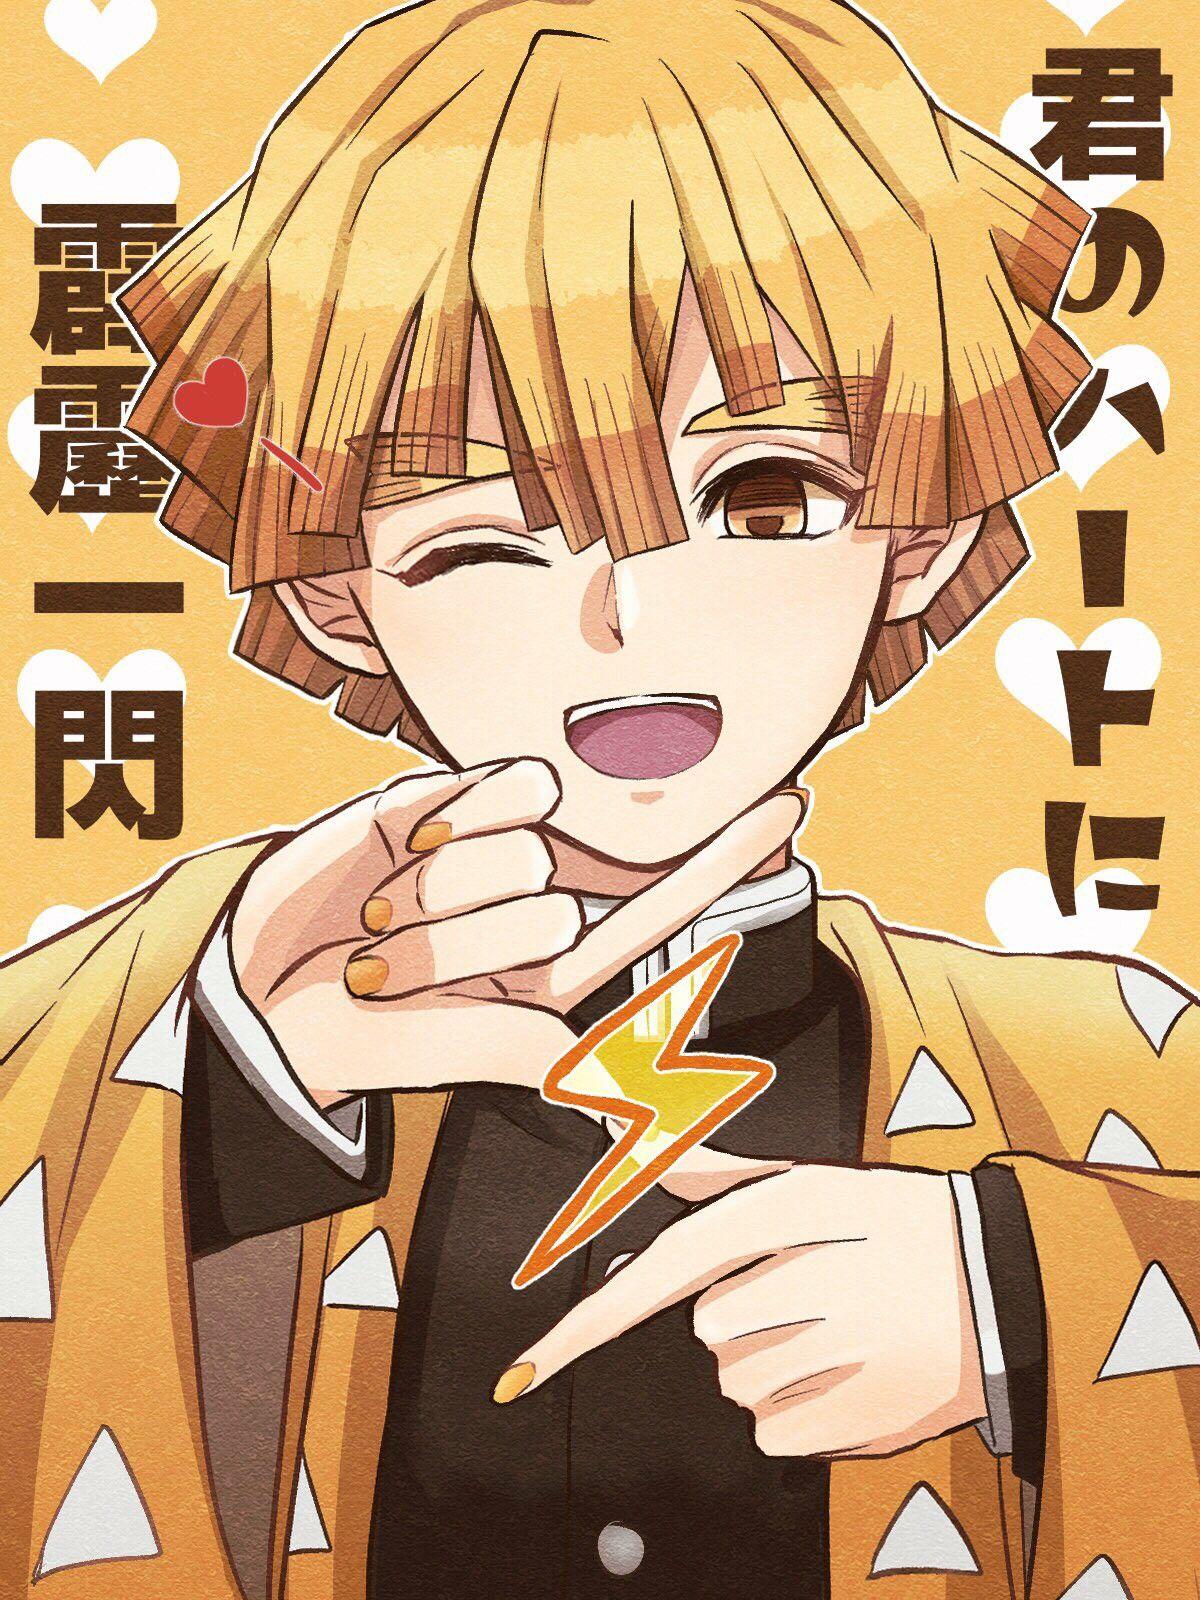 Pin by RIN刃 on 鬼滅の刃 Anime demon, Anime chibi, Slayer anime